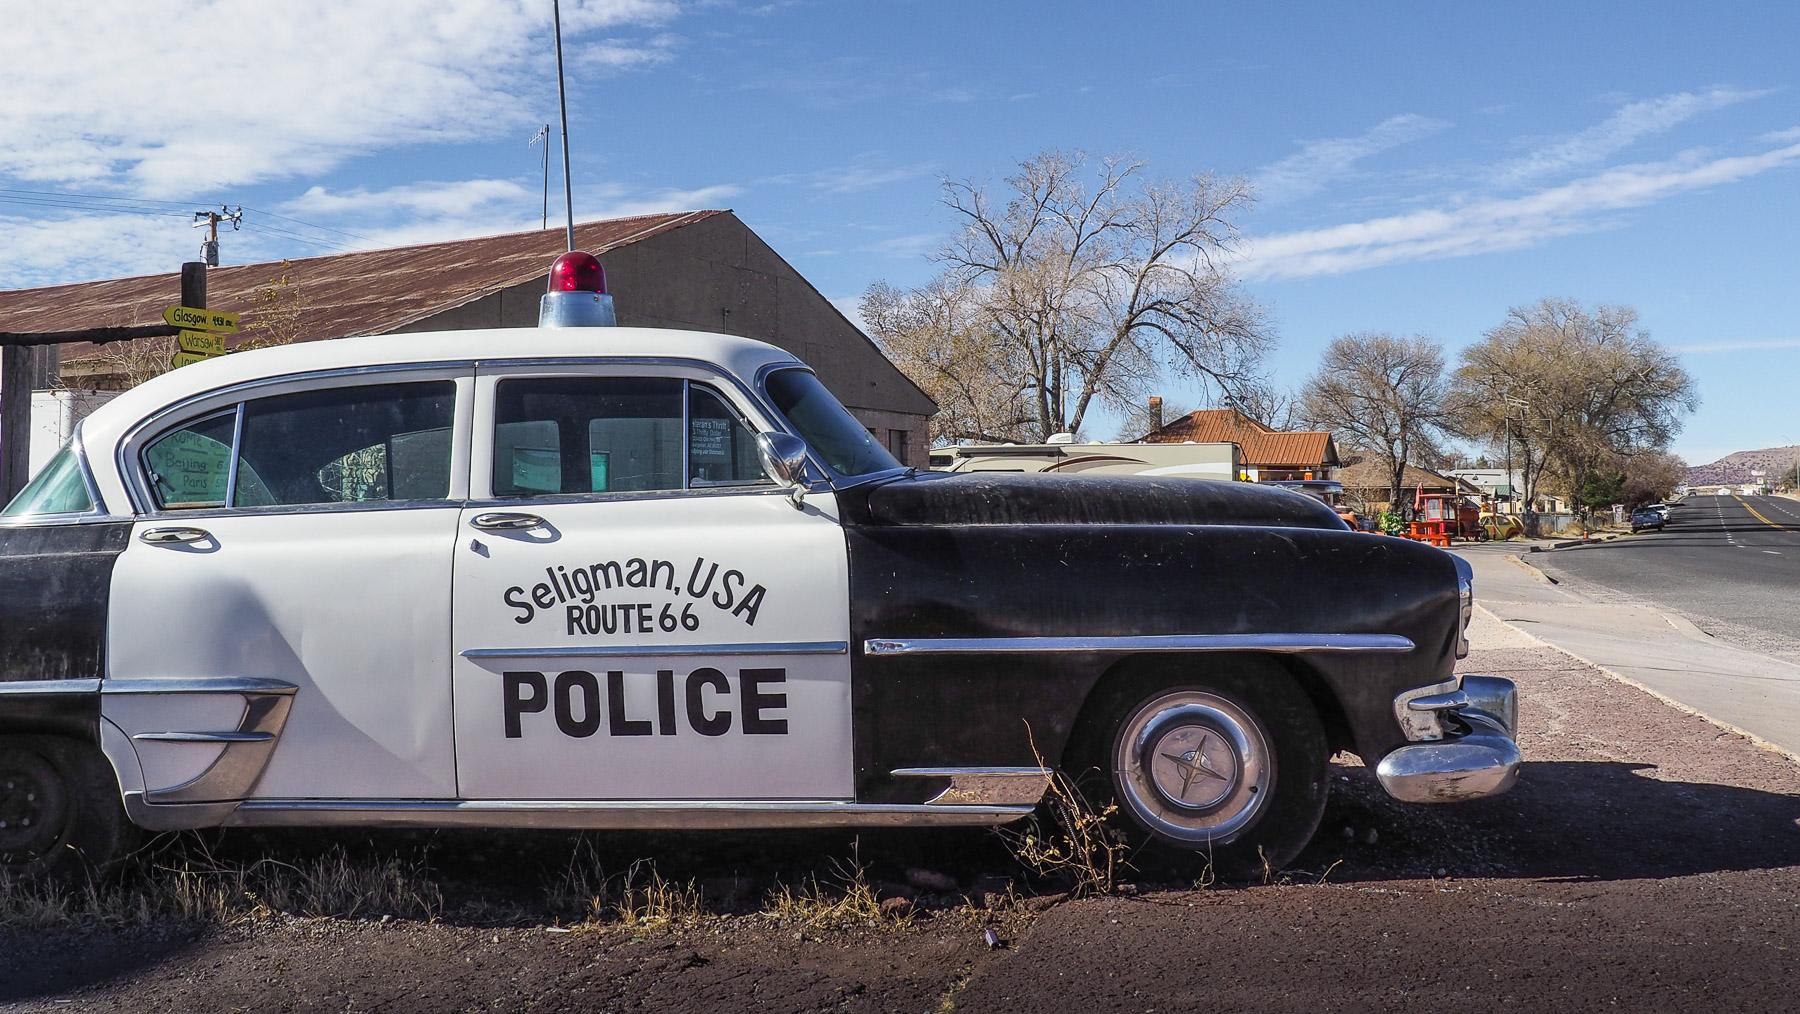 Polizeiauto in Seligman